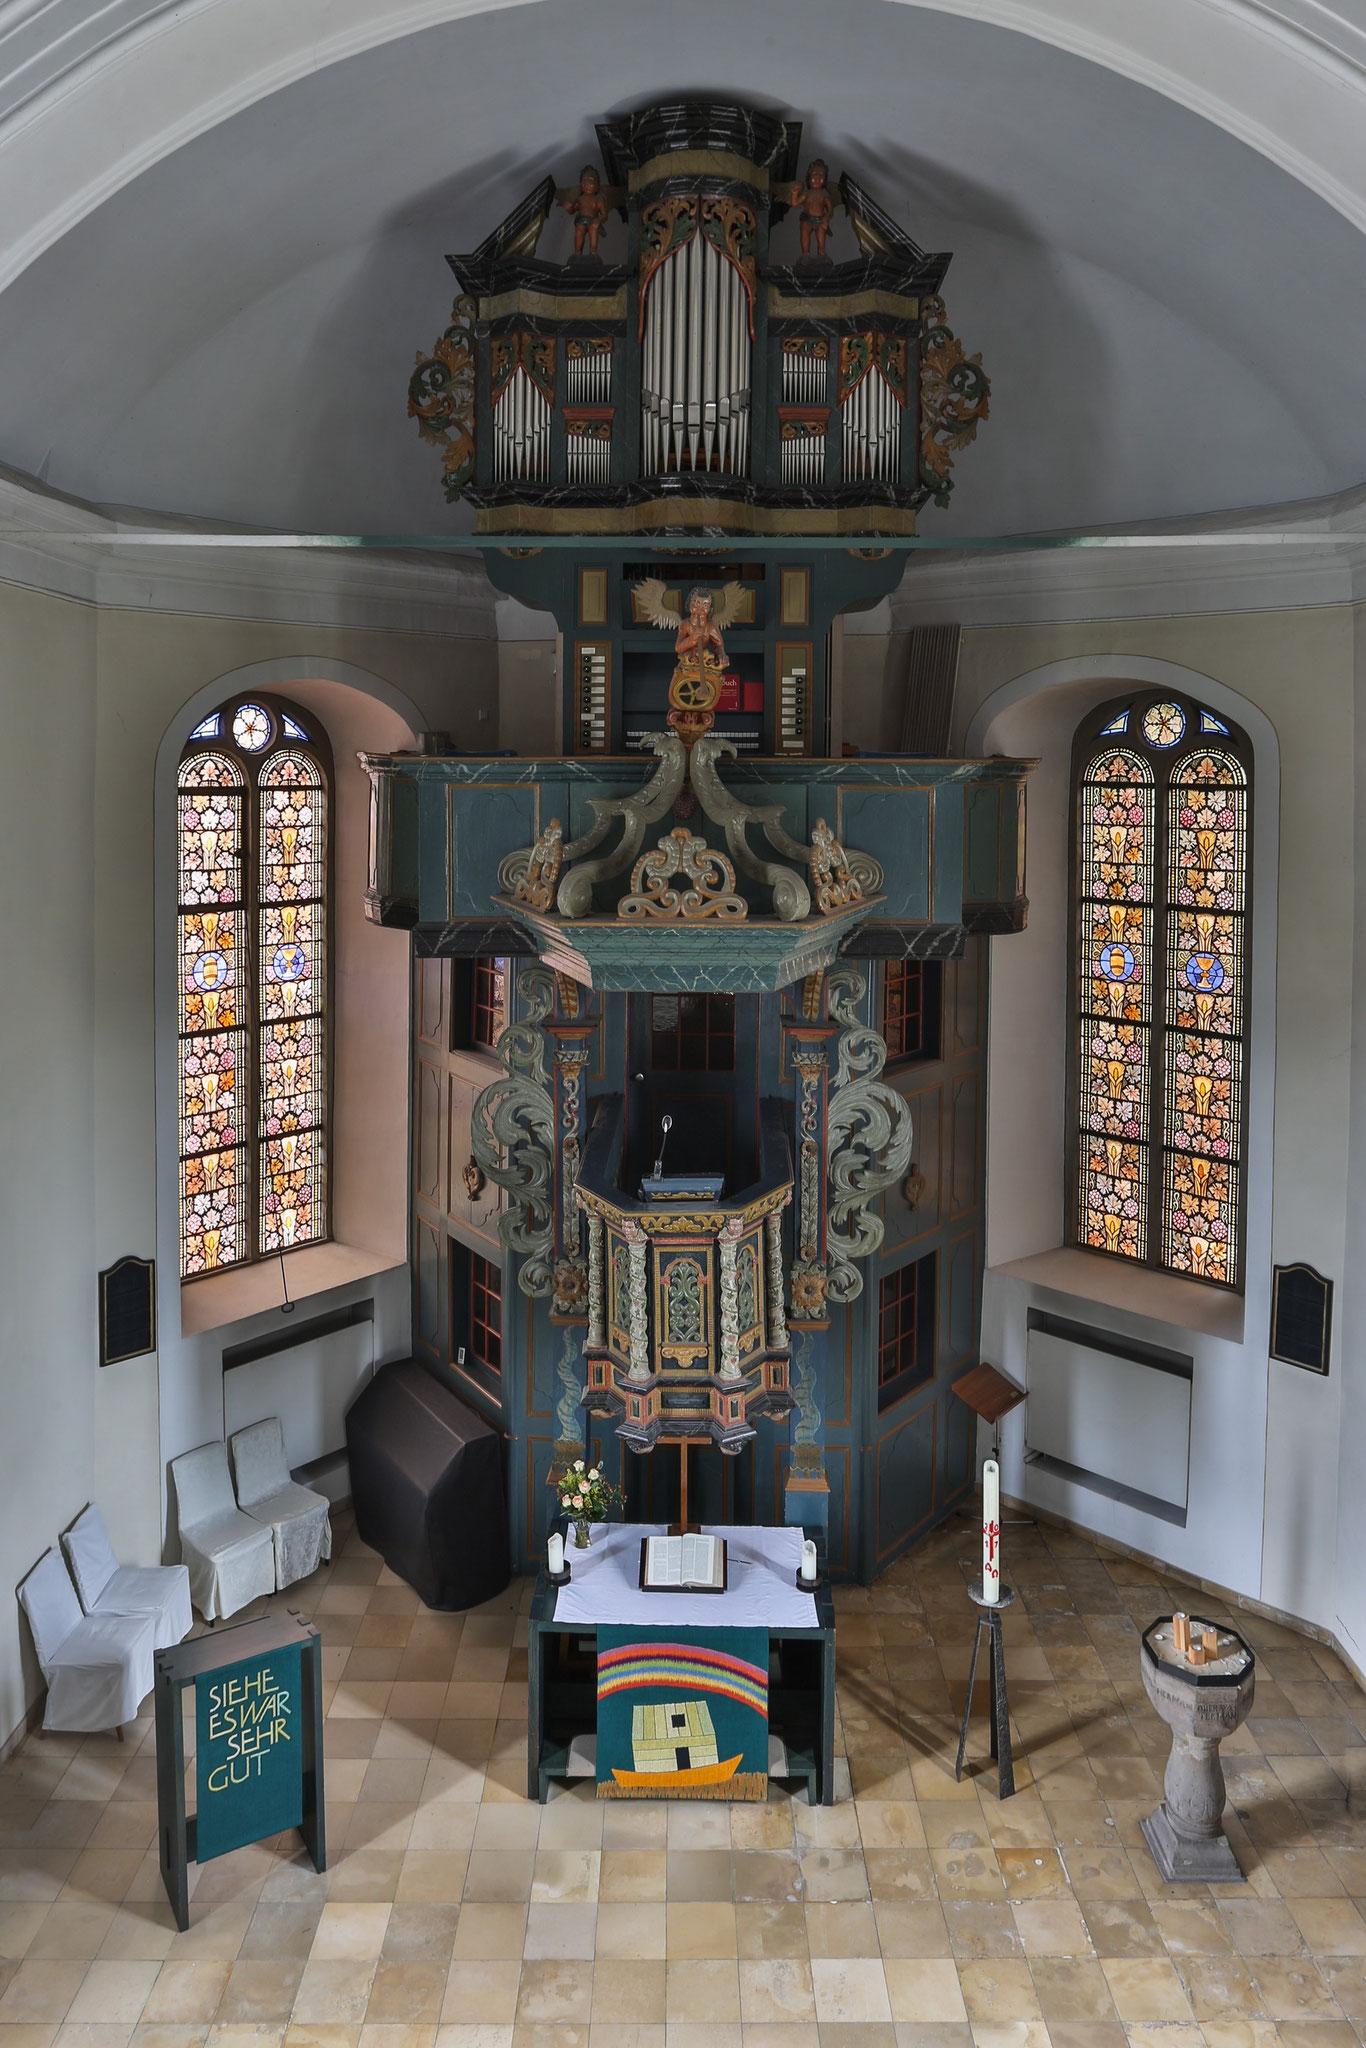 Evgl. Burgkirche Blankenstein